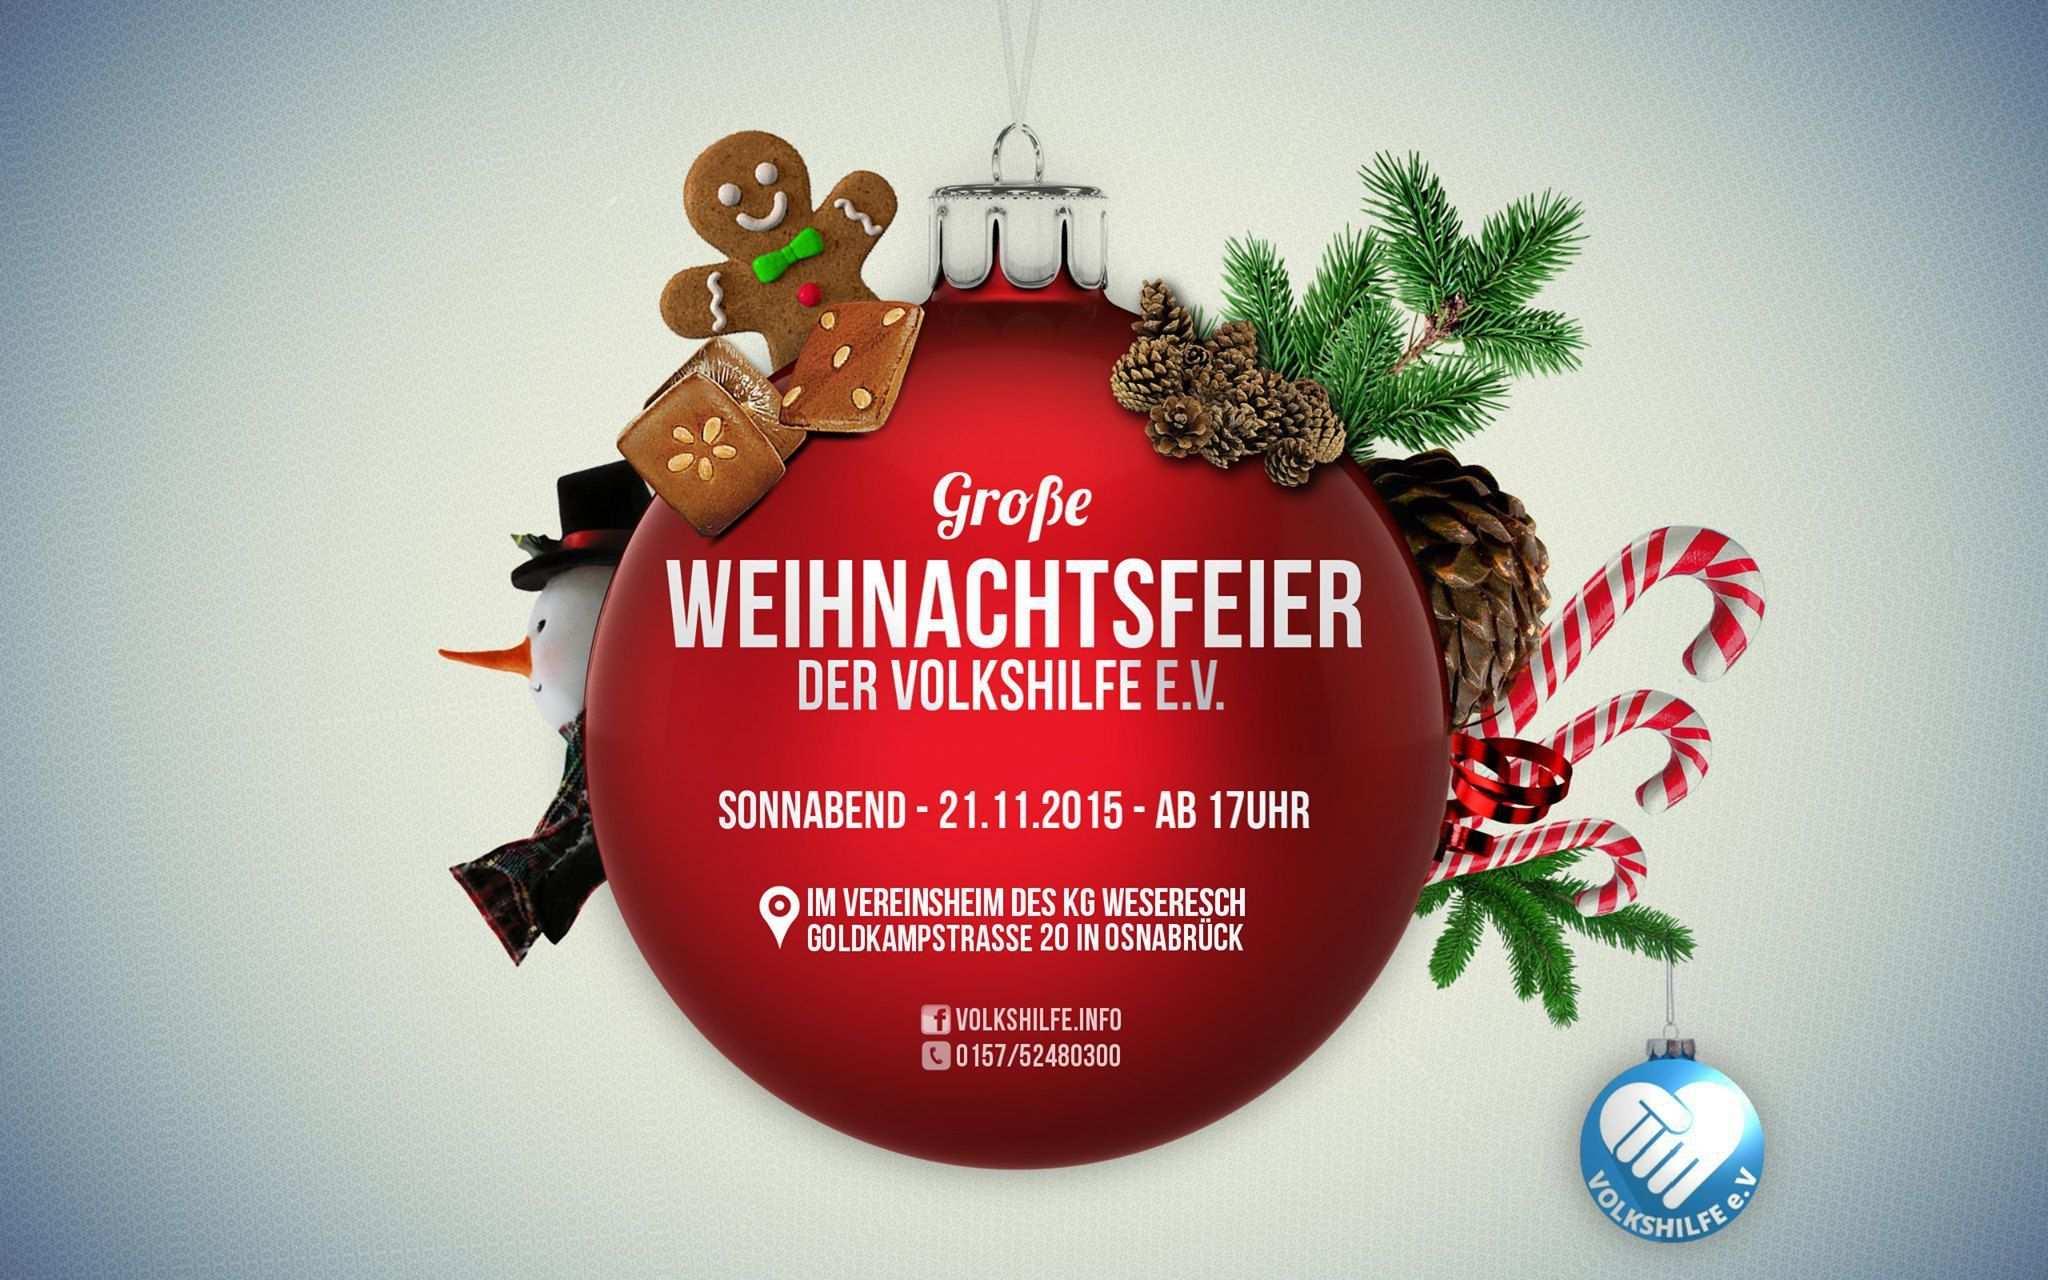 Einladung Weihnachtsfeier Vorlage Word Einladung Weihnachtsfeier